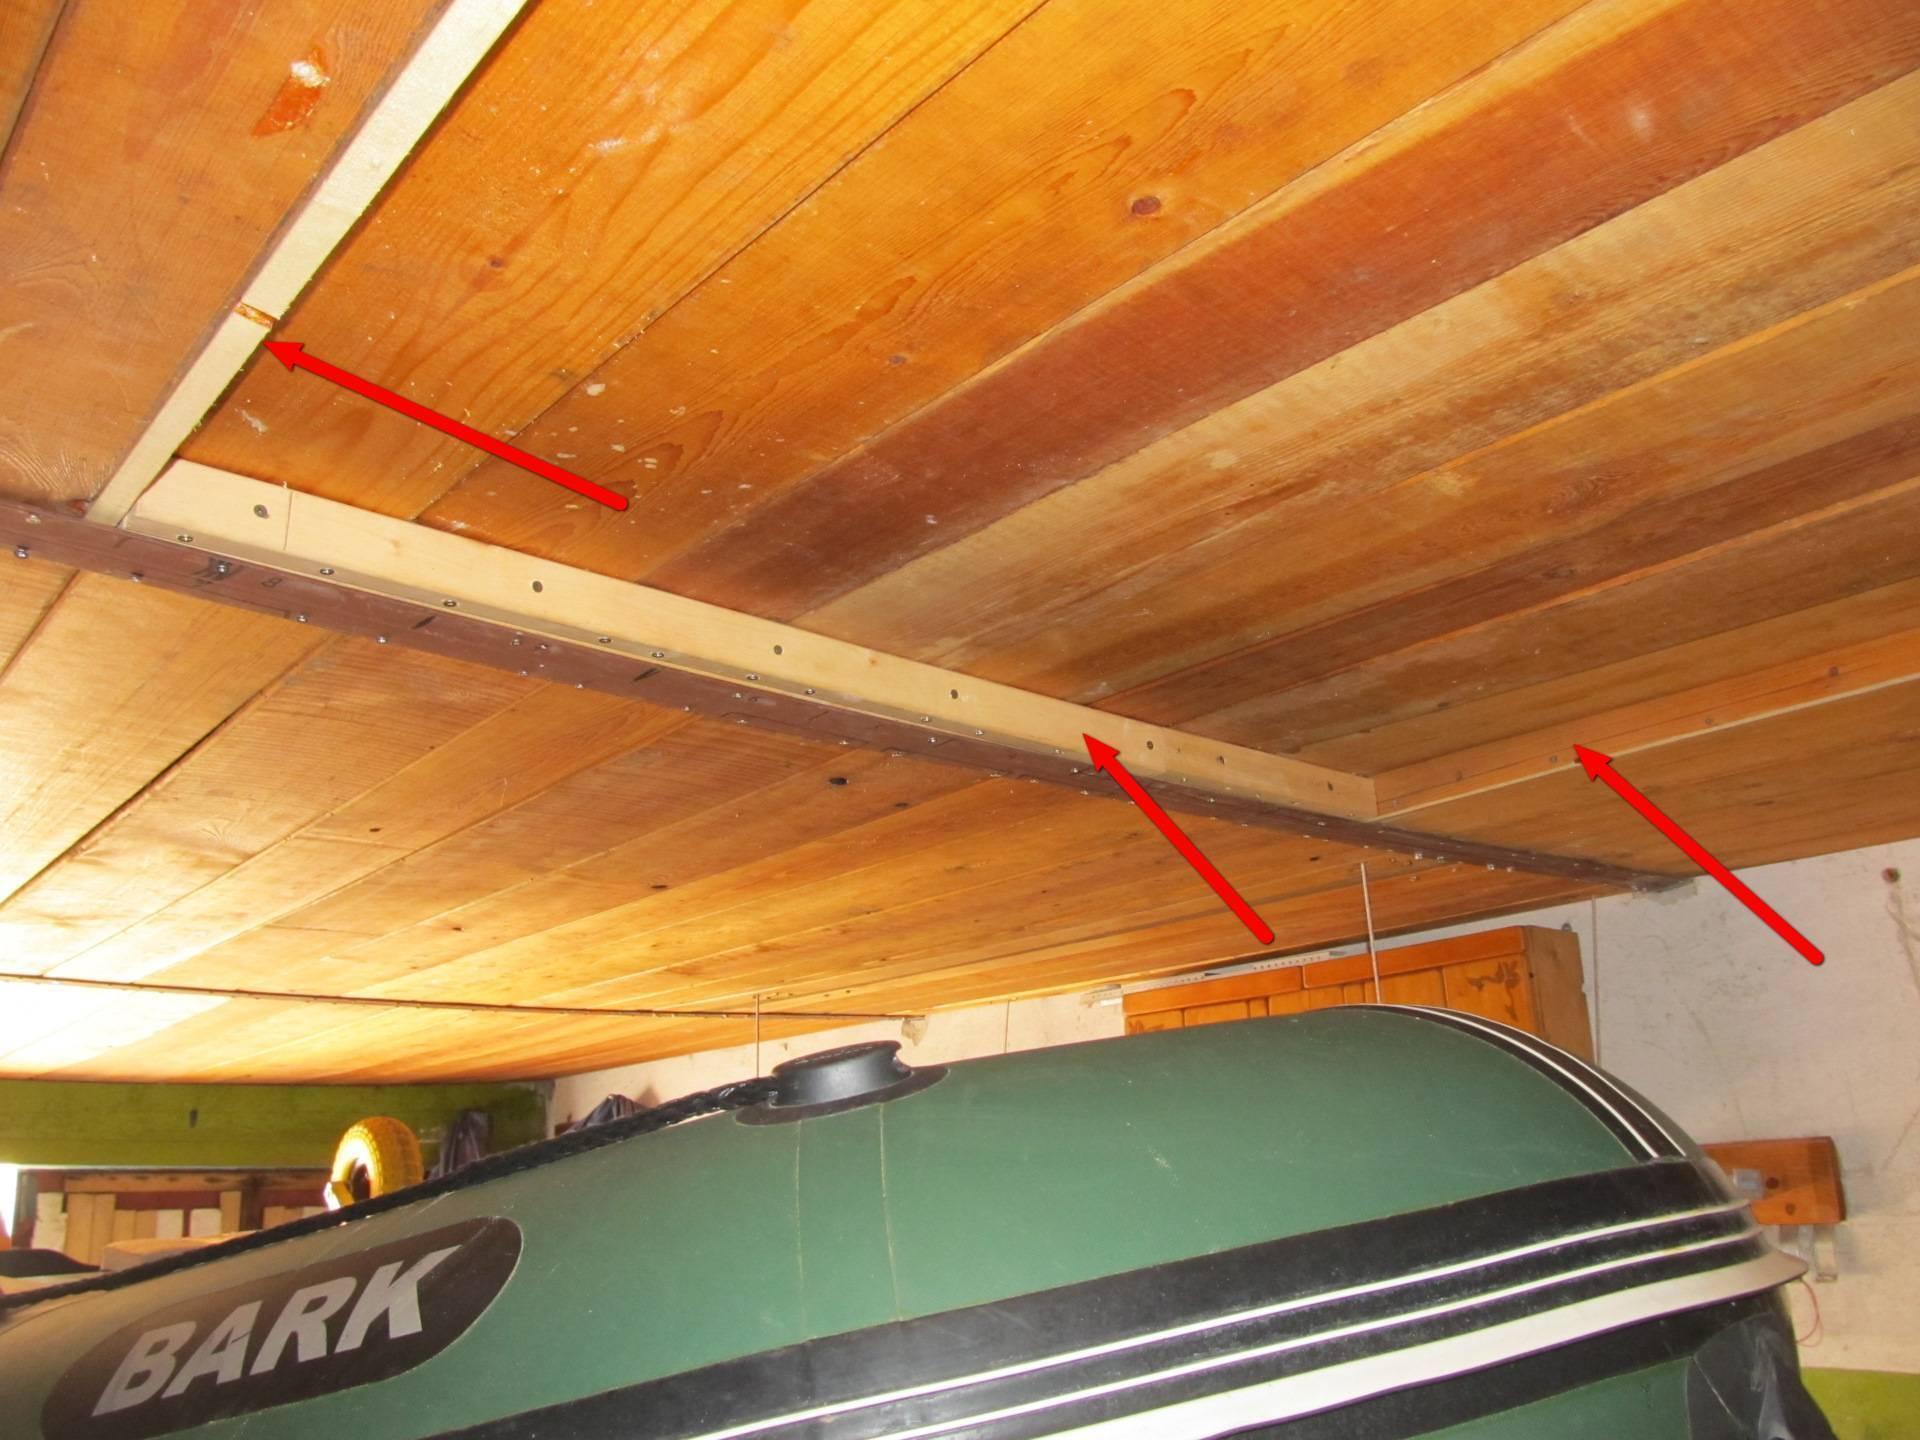 Хранение пвх лодки зимой в гараже под потолком, правильное хранение лодки в зимний период | гаражтек